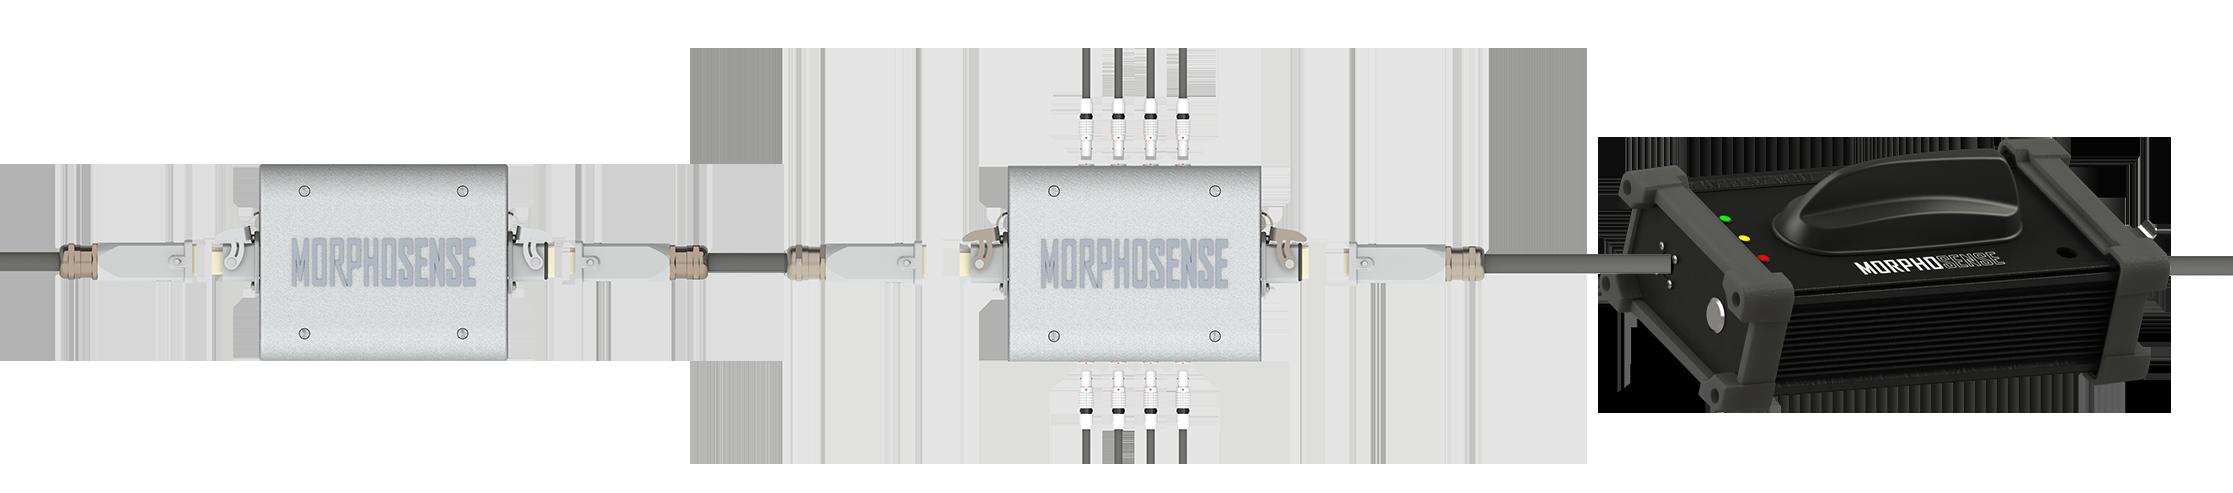 https://morphosense.com/morphosense-indicators/?lang=fr